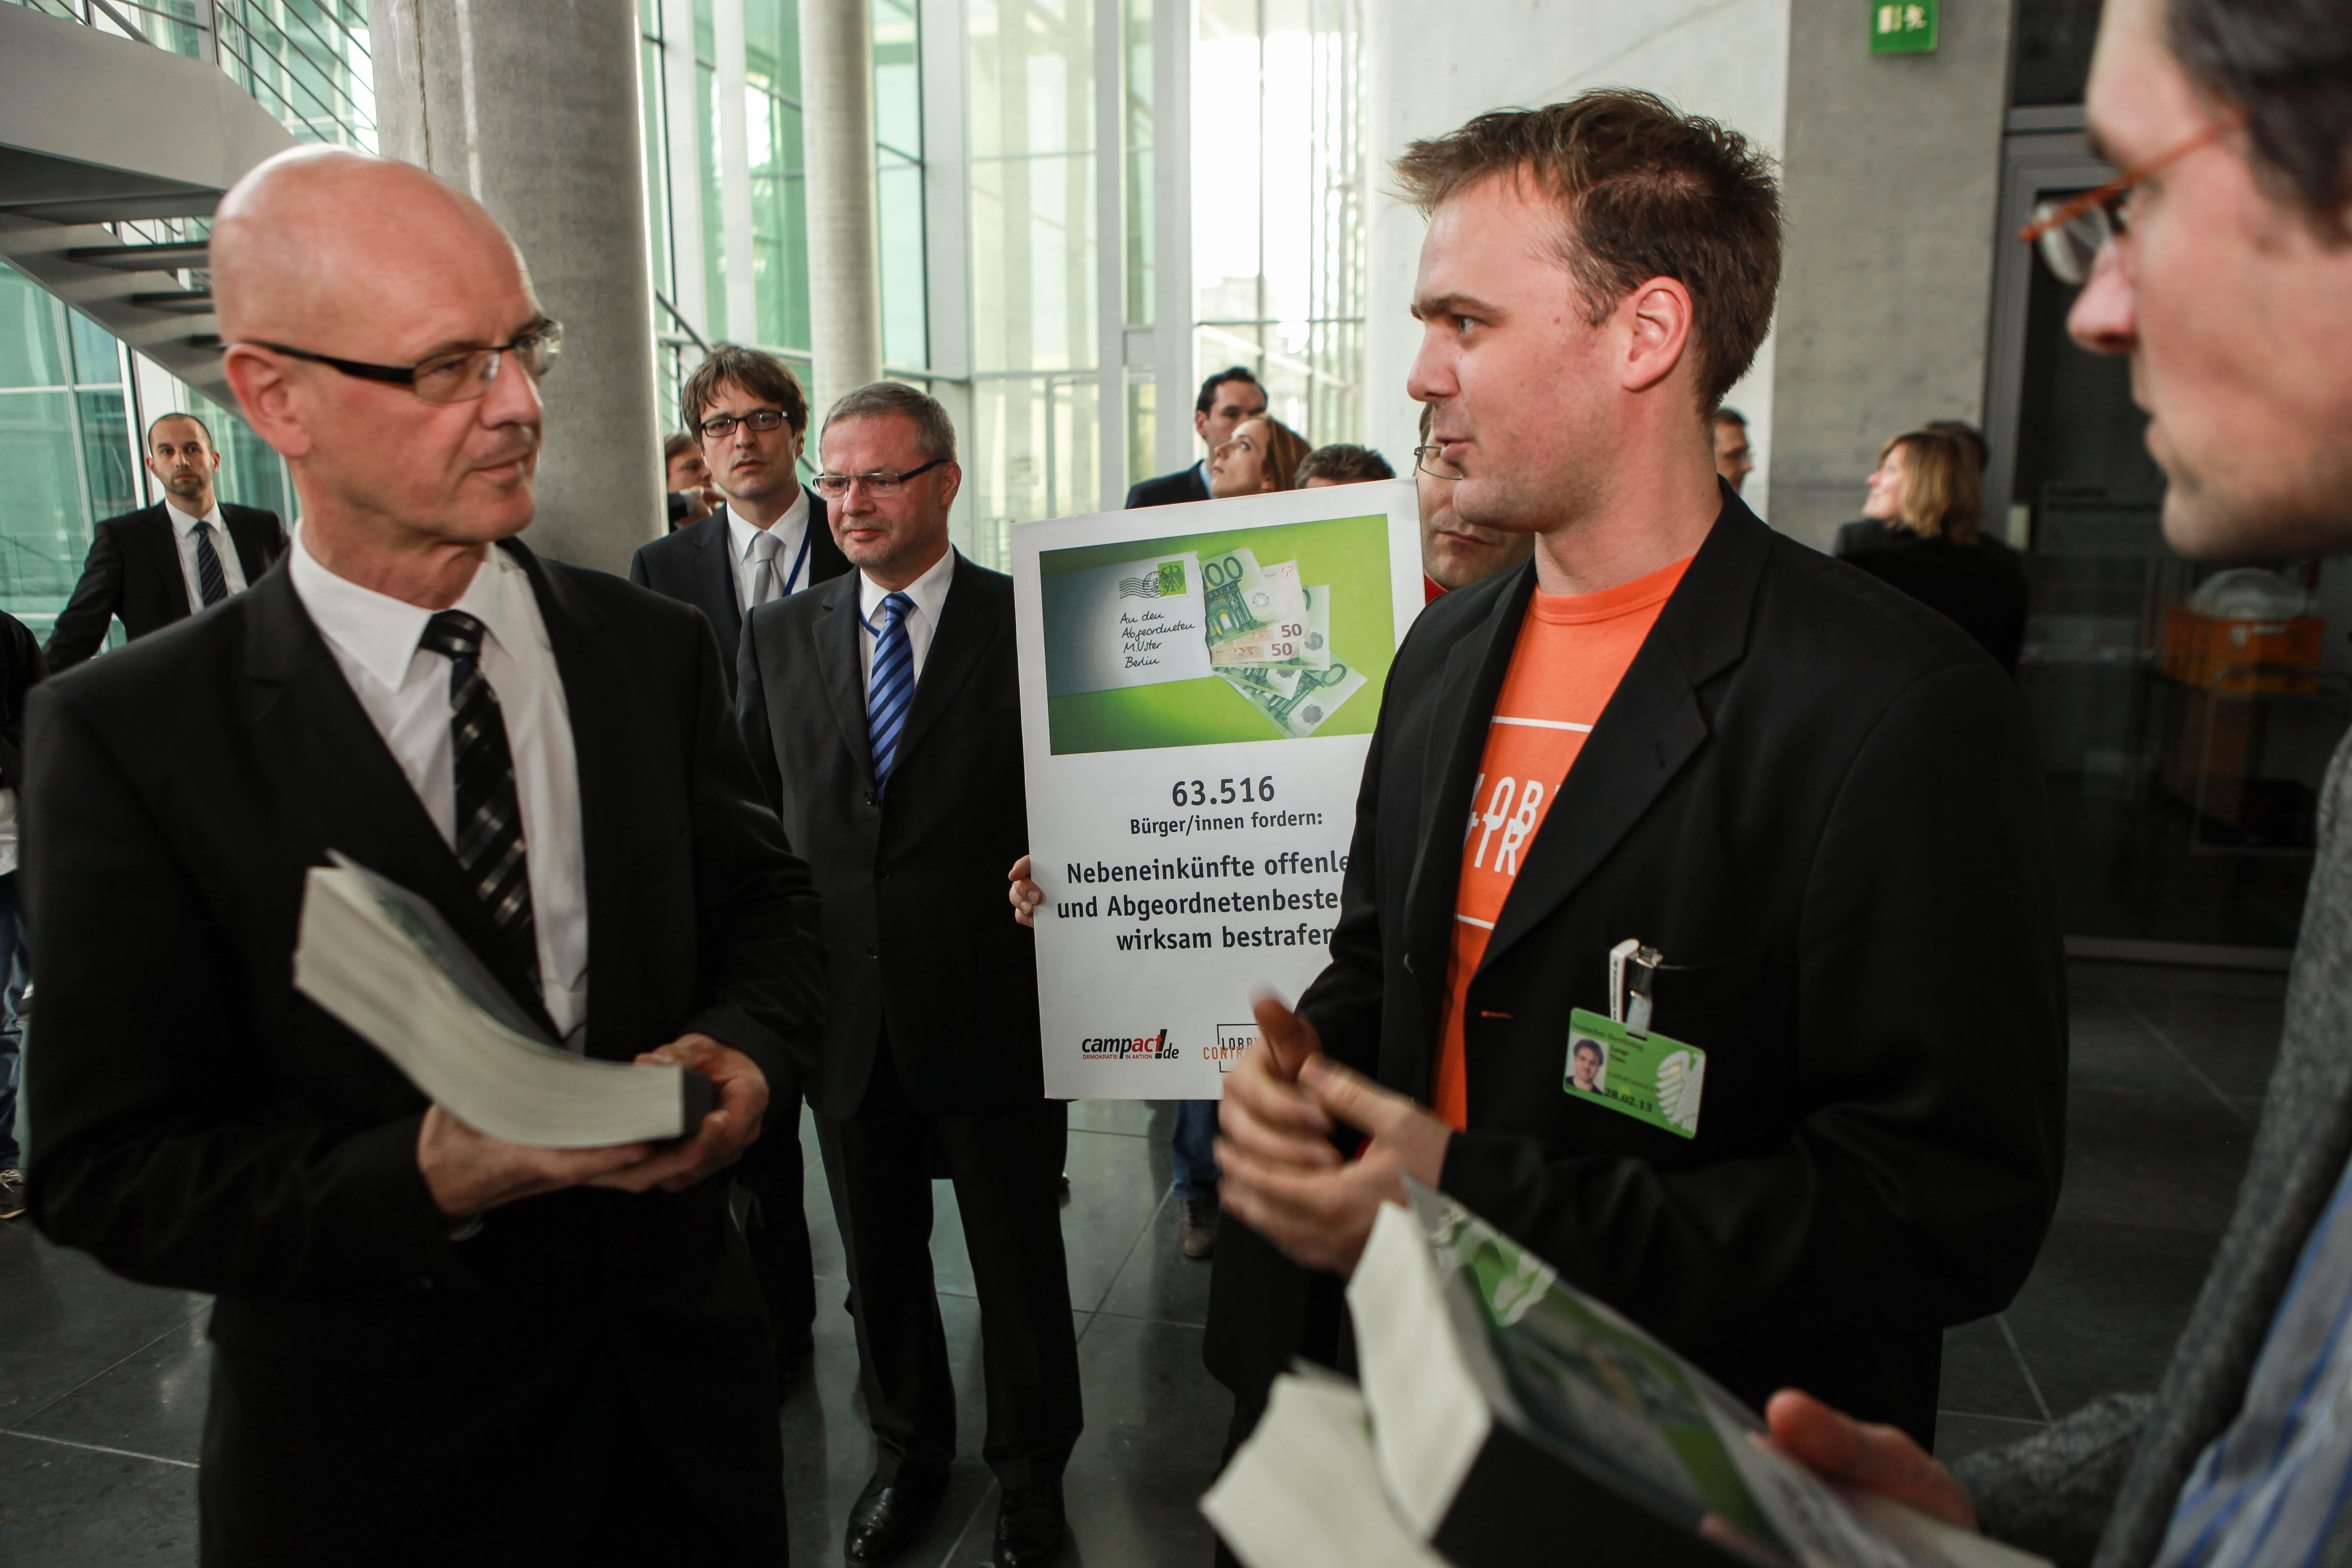 Siegfried Kauder änderte seinen Kurs beim Thema Abgeordnetenbestechung - aber der Rest von Schwarz-Gelb mauert weiter.  Foto: Unterschriftenübergabe mit Campact und Transparency im Okt. 2012